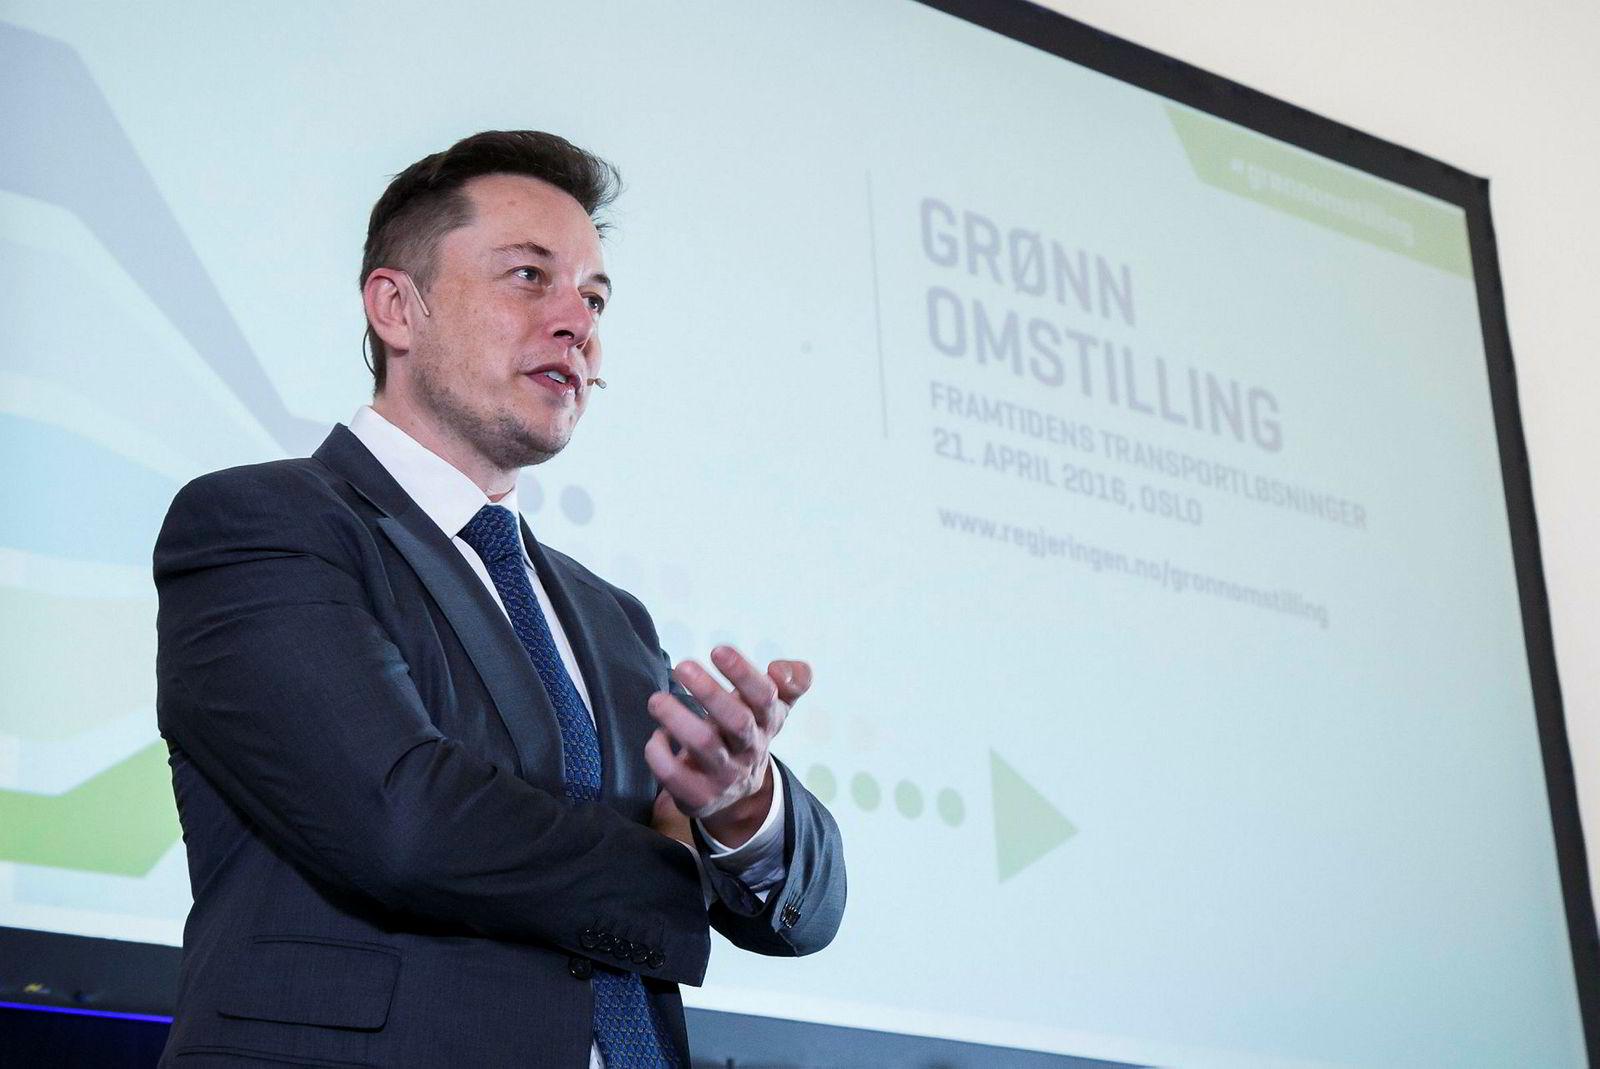 Lørdag kom Elon Musk innom Norge på en rask visitt. Dette er imidlertid ikke første gangen toppsjefen er i Norge. I 2016 besøkte han konferansen Grønn Omstilling.